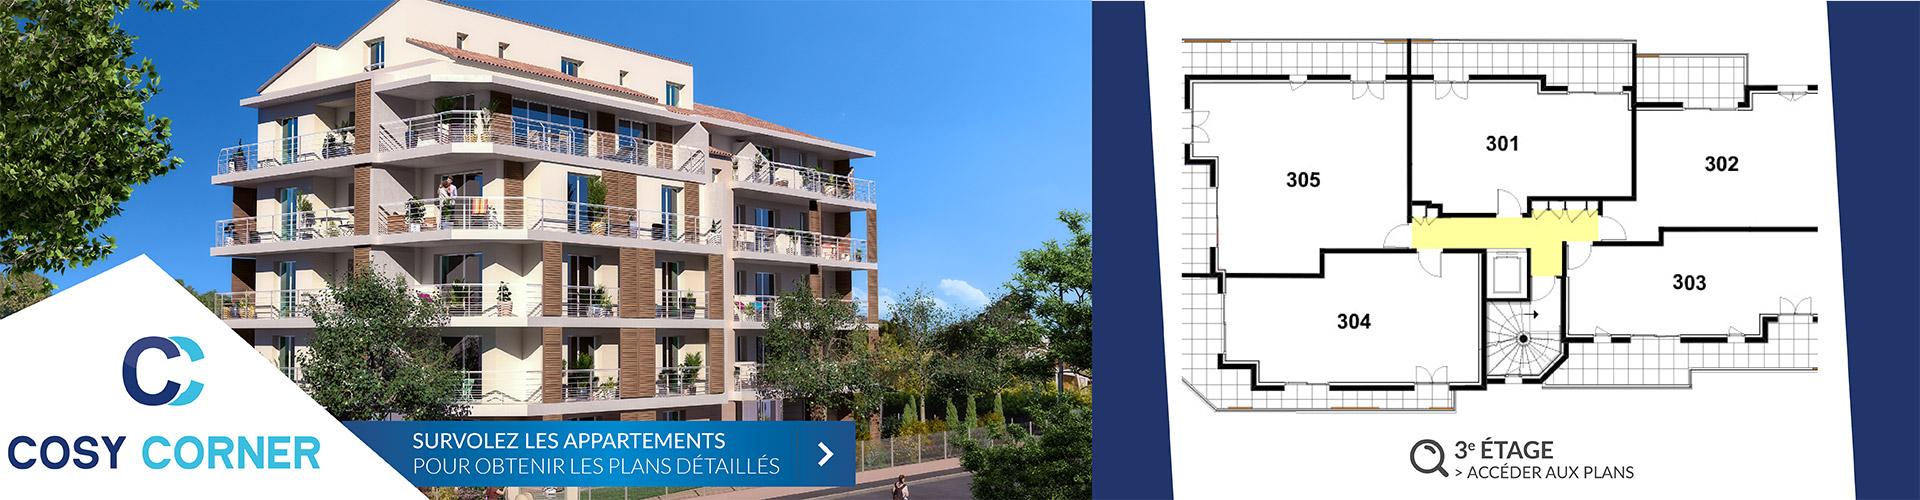 Résidence Cosy Corner à Toulon 83 - Logements neufs 3e etage